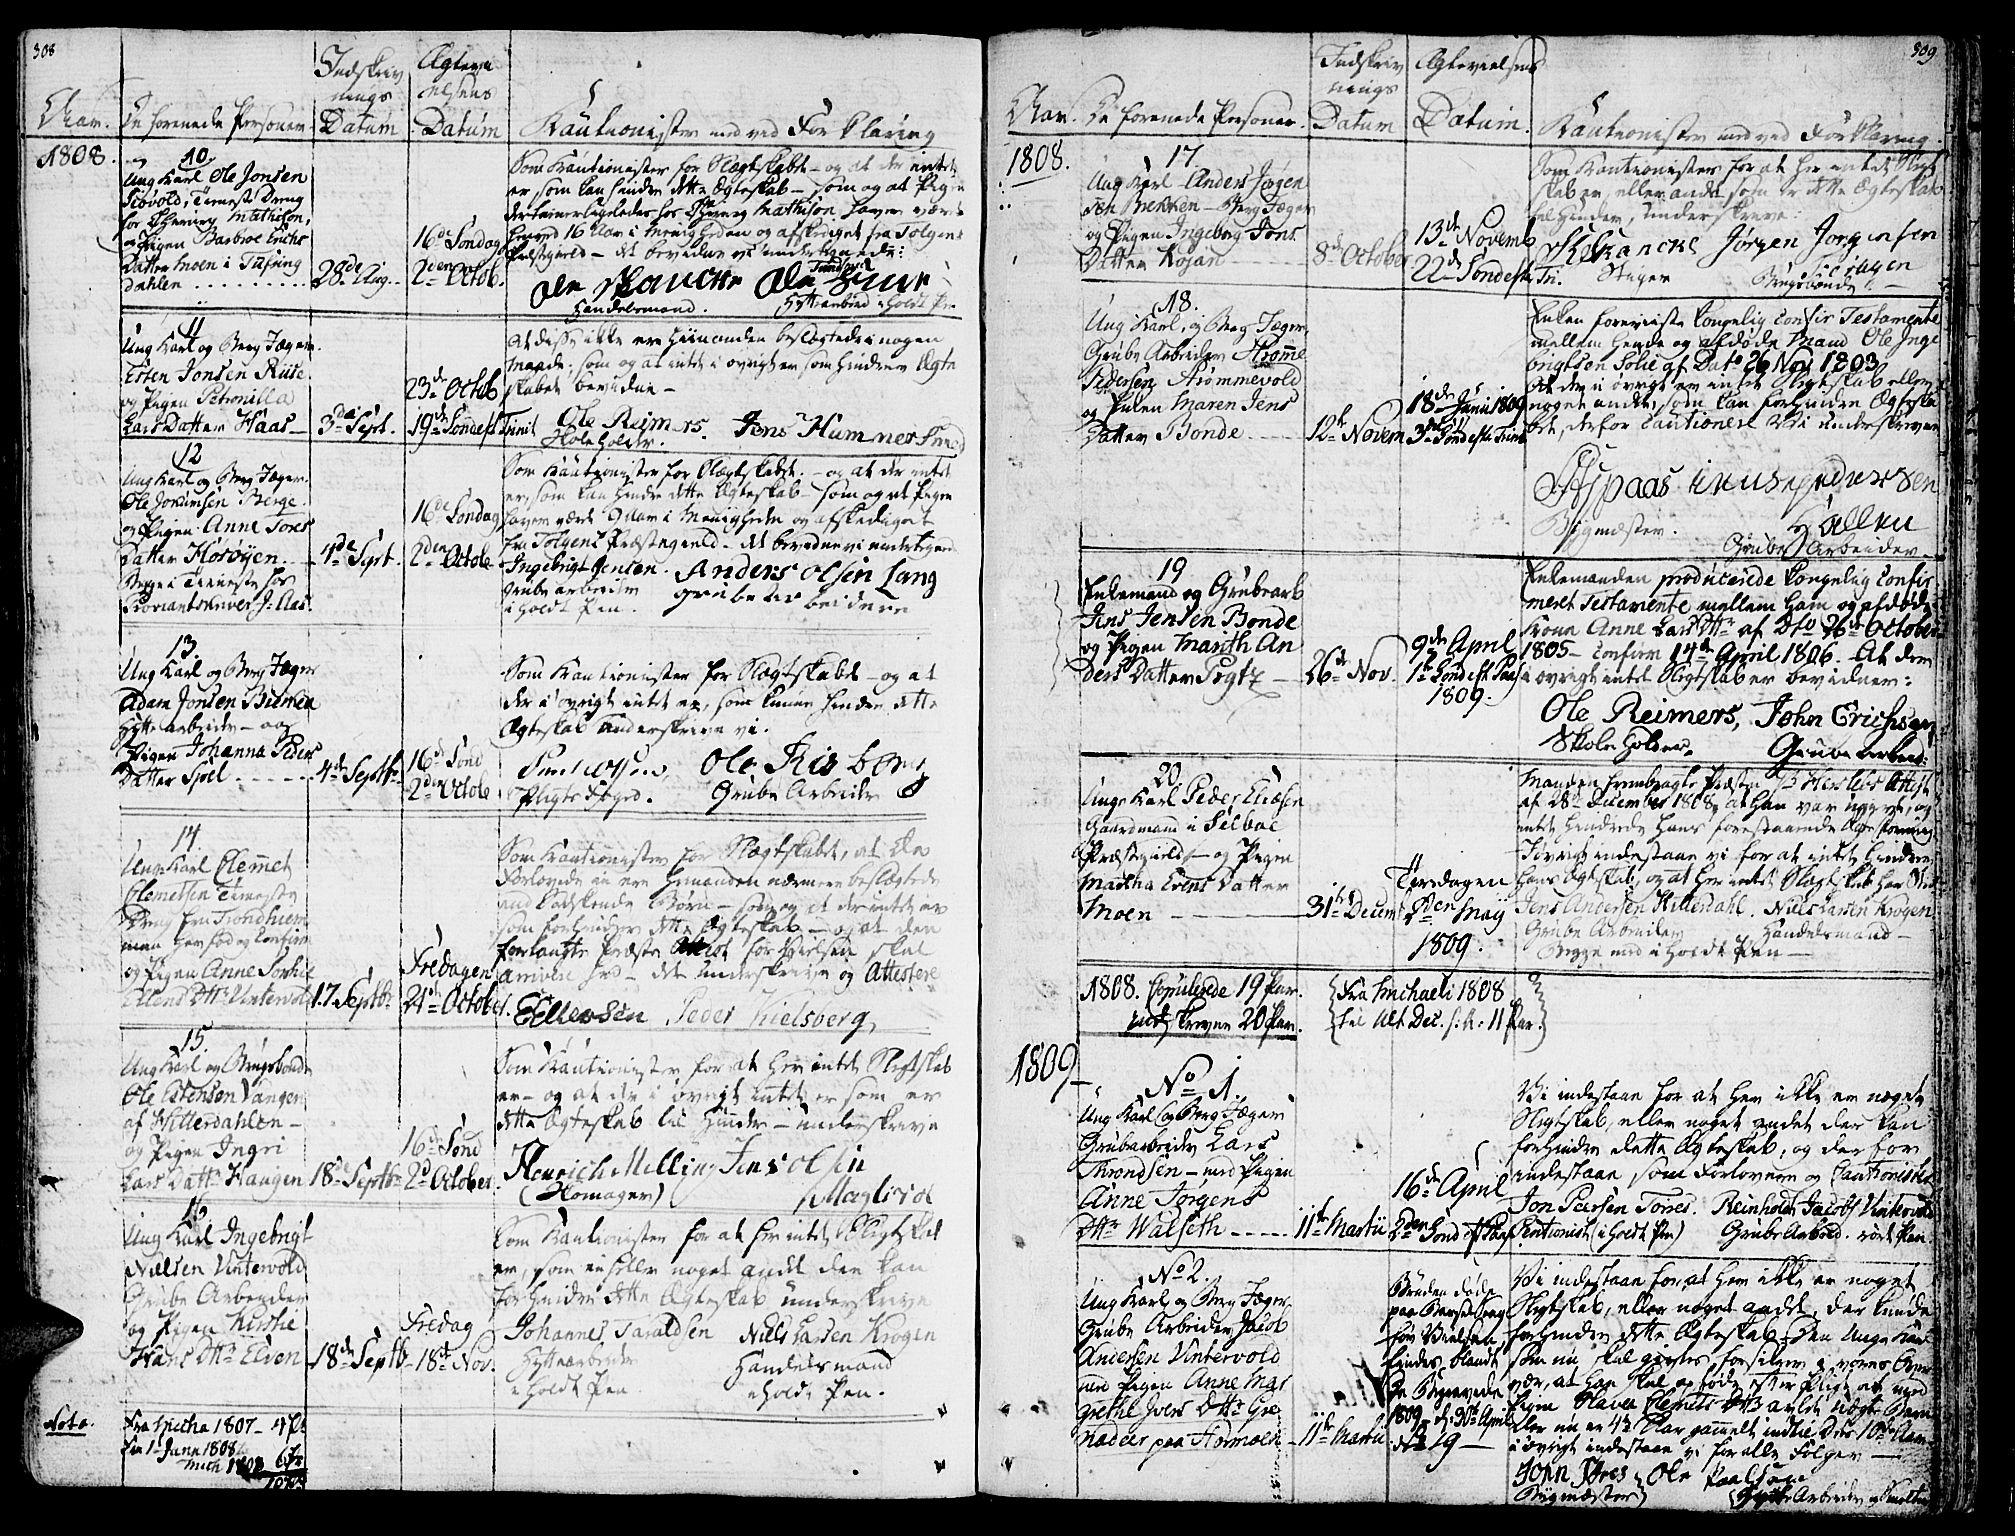 SAT, Ministerialprotokoller, klokkerbøker og fødselsregistre - Sør-Trøndelag, 681/L0928: Ministerialbok nr. 681A06, 1806-1816, s. 308-309